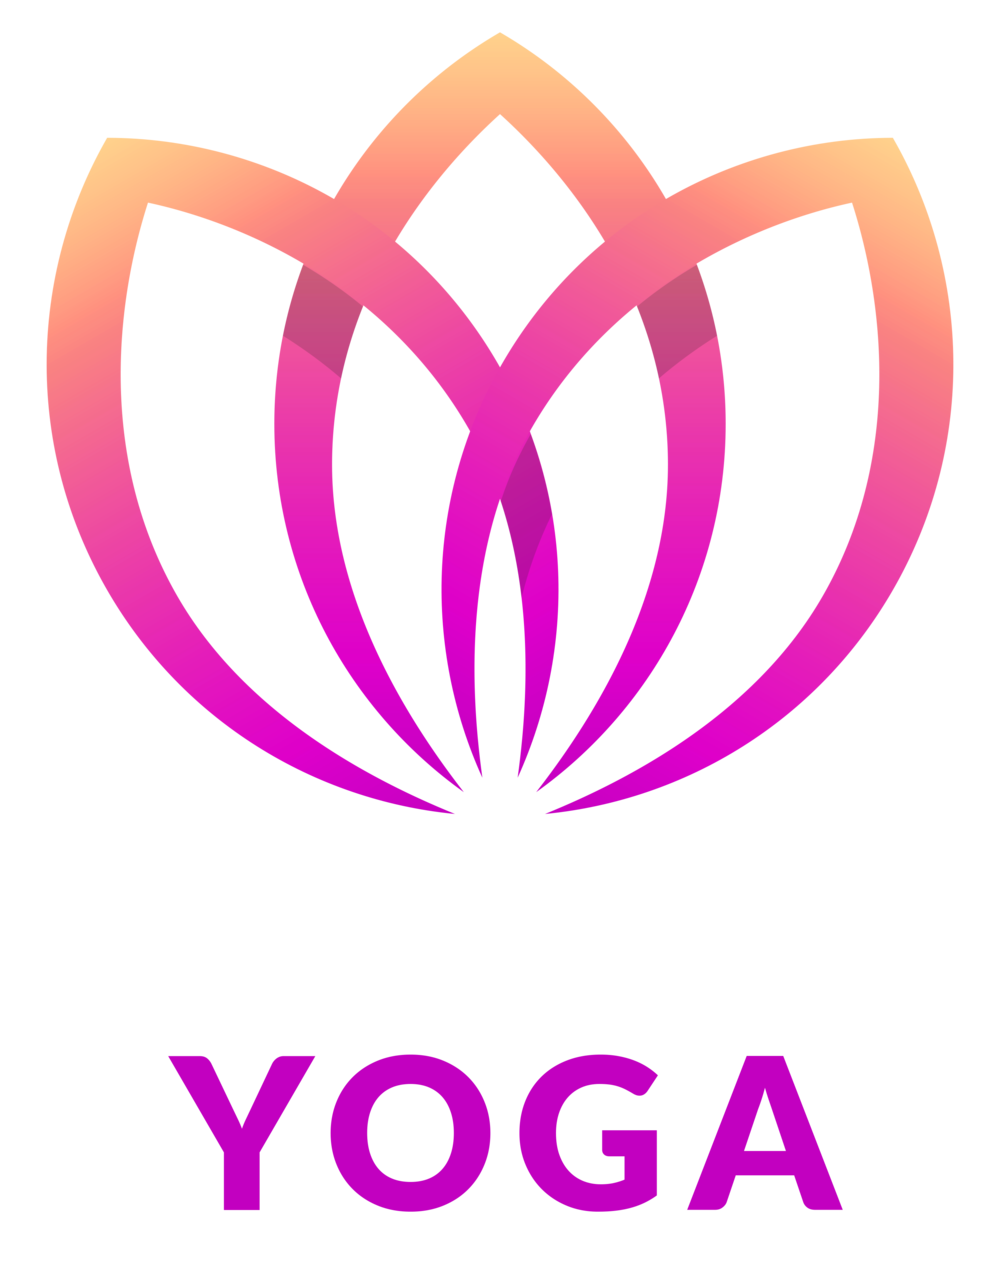 udavasana logo rose white.png